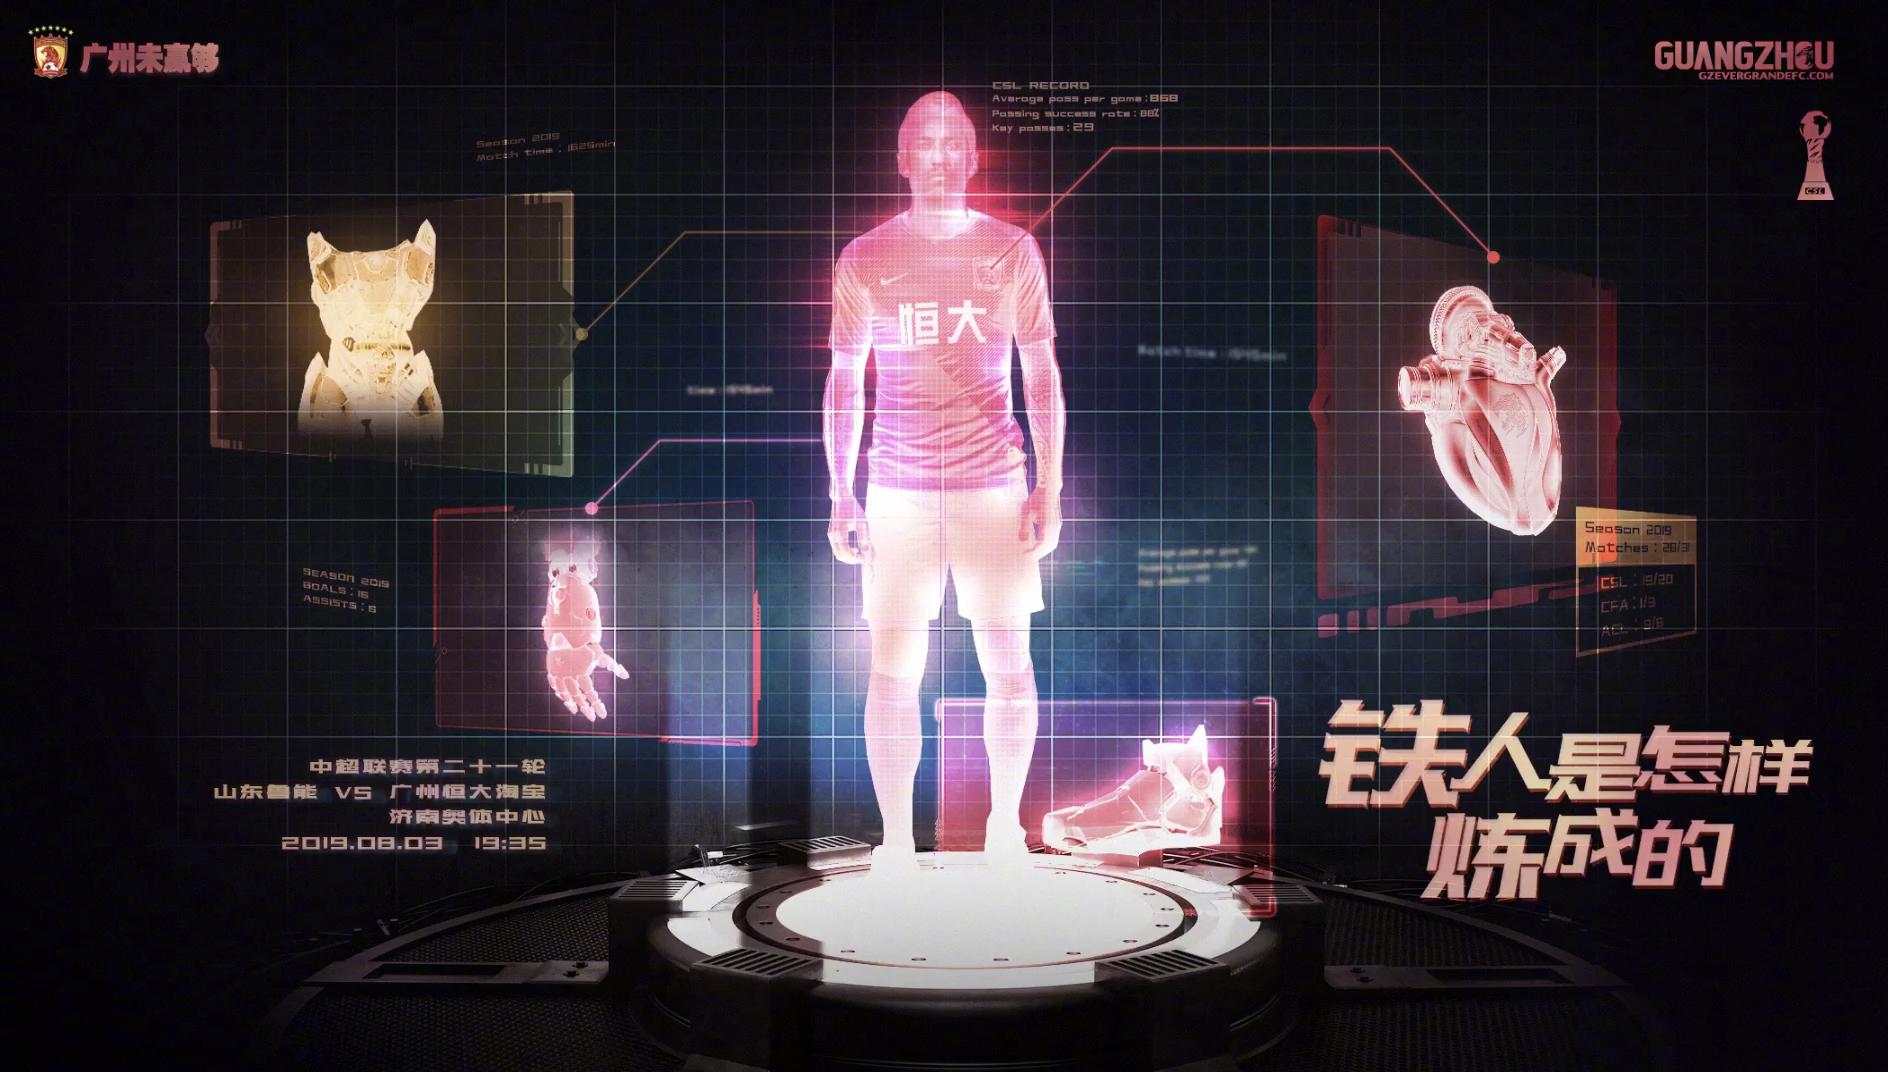 恒大发布客战鲁能海报:铁人是怎样炼成的